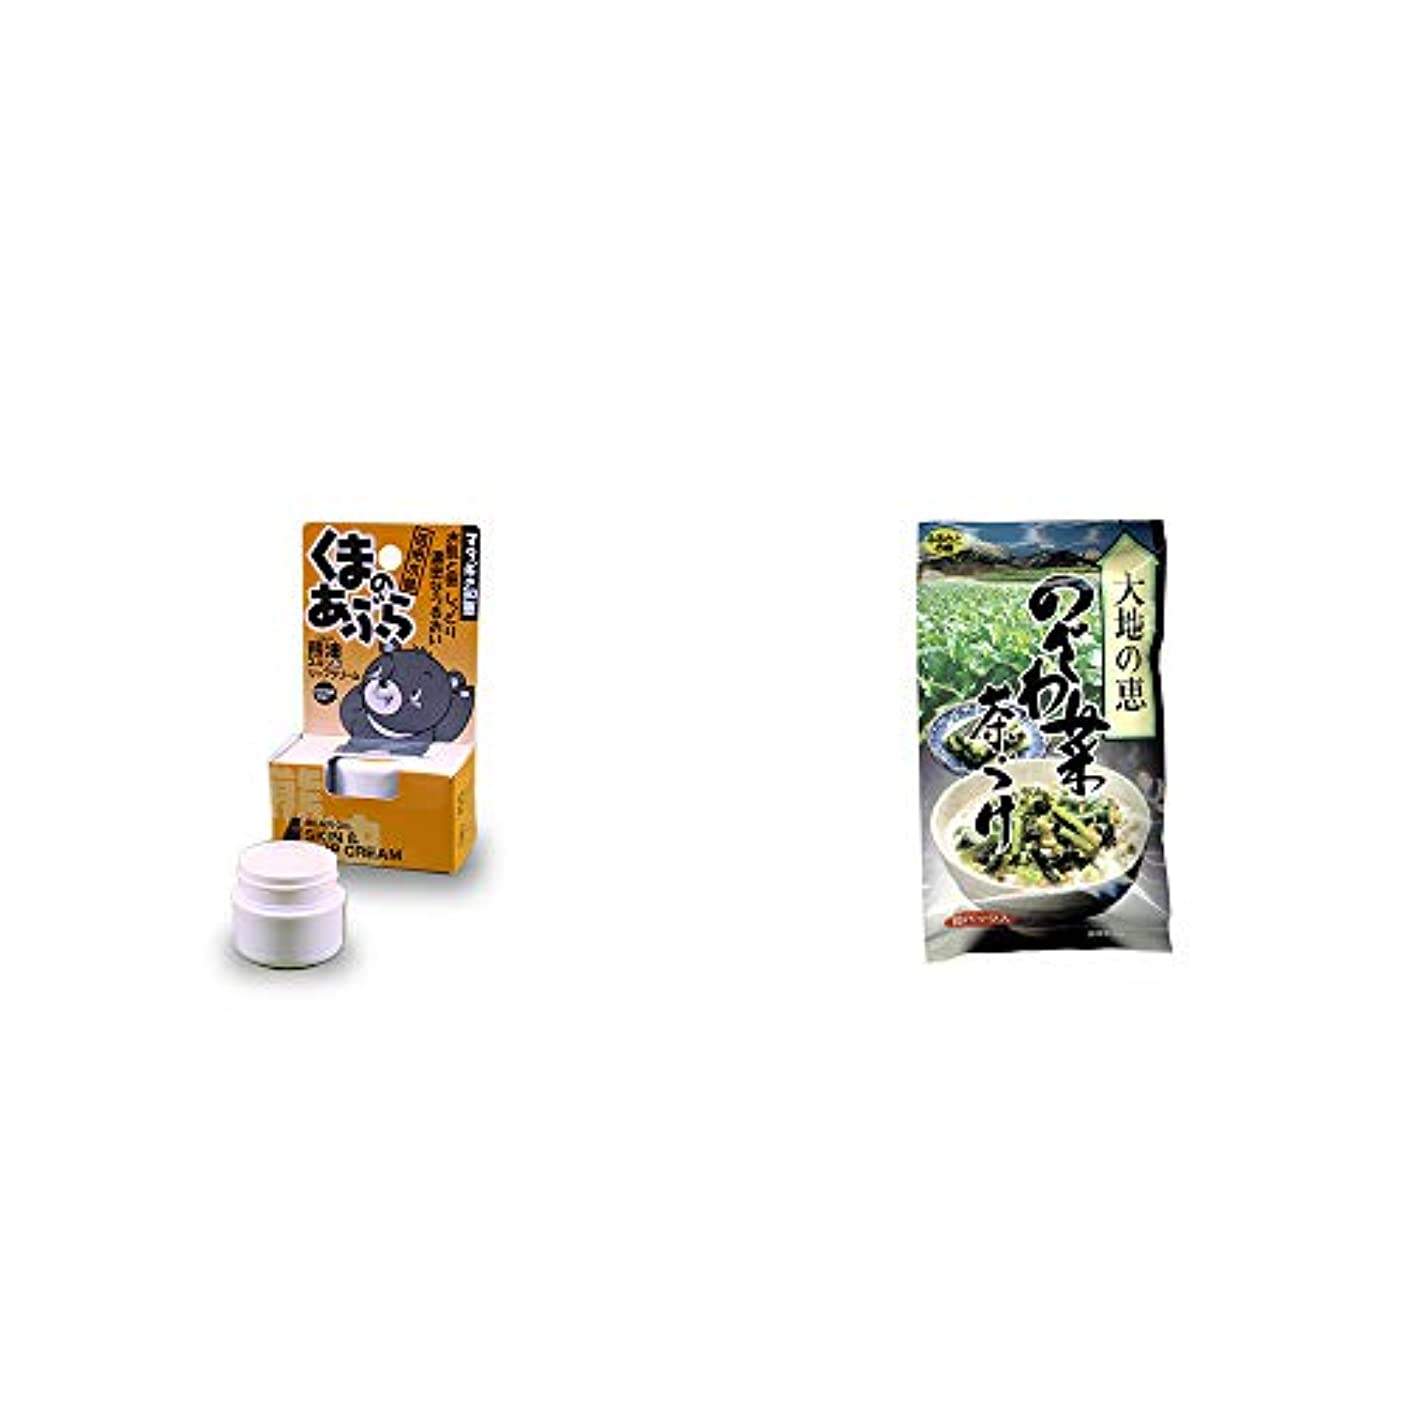 むしろギャンブル無人[2点セット] 信州木曽 くまのあぶら 熊油スキン&リップクリーム(9g)?特選茶漬け 大地の恵 のざわ菜茶づけ(10袋入)